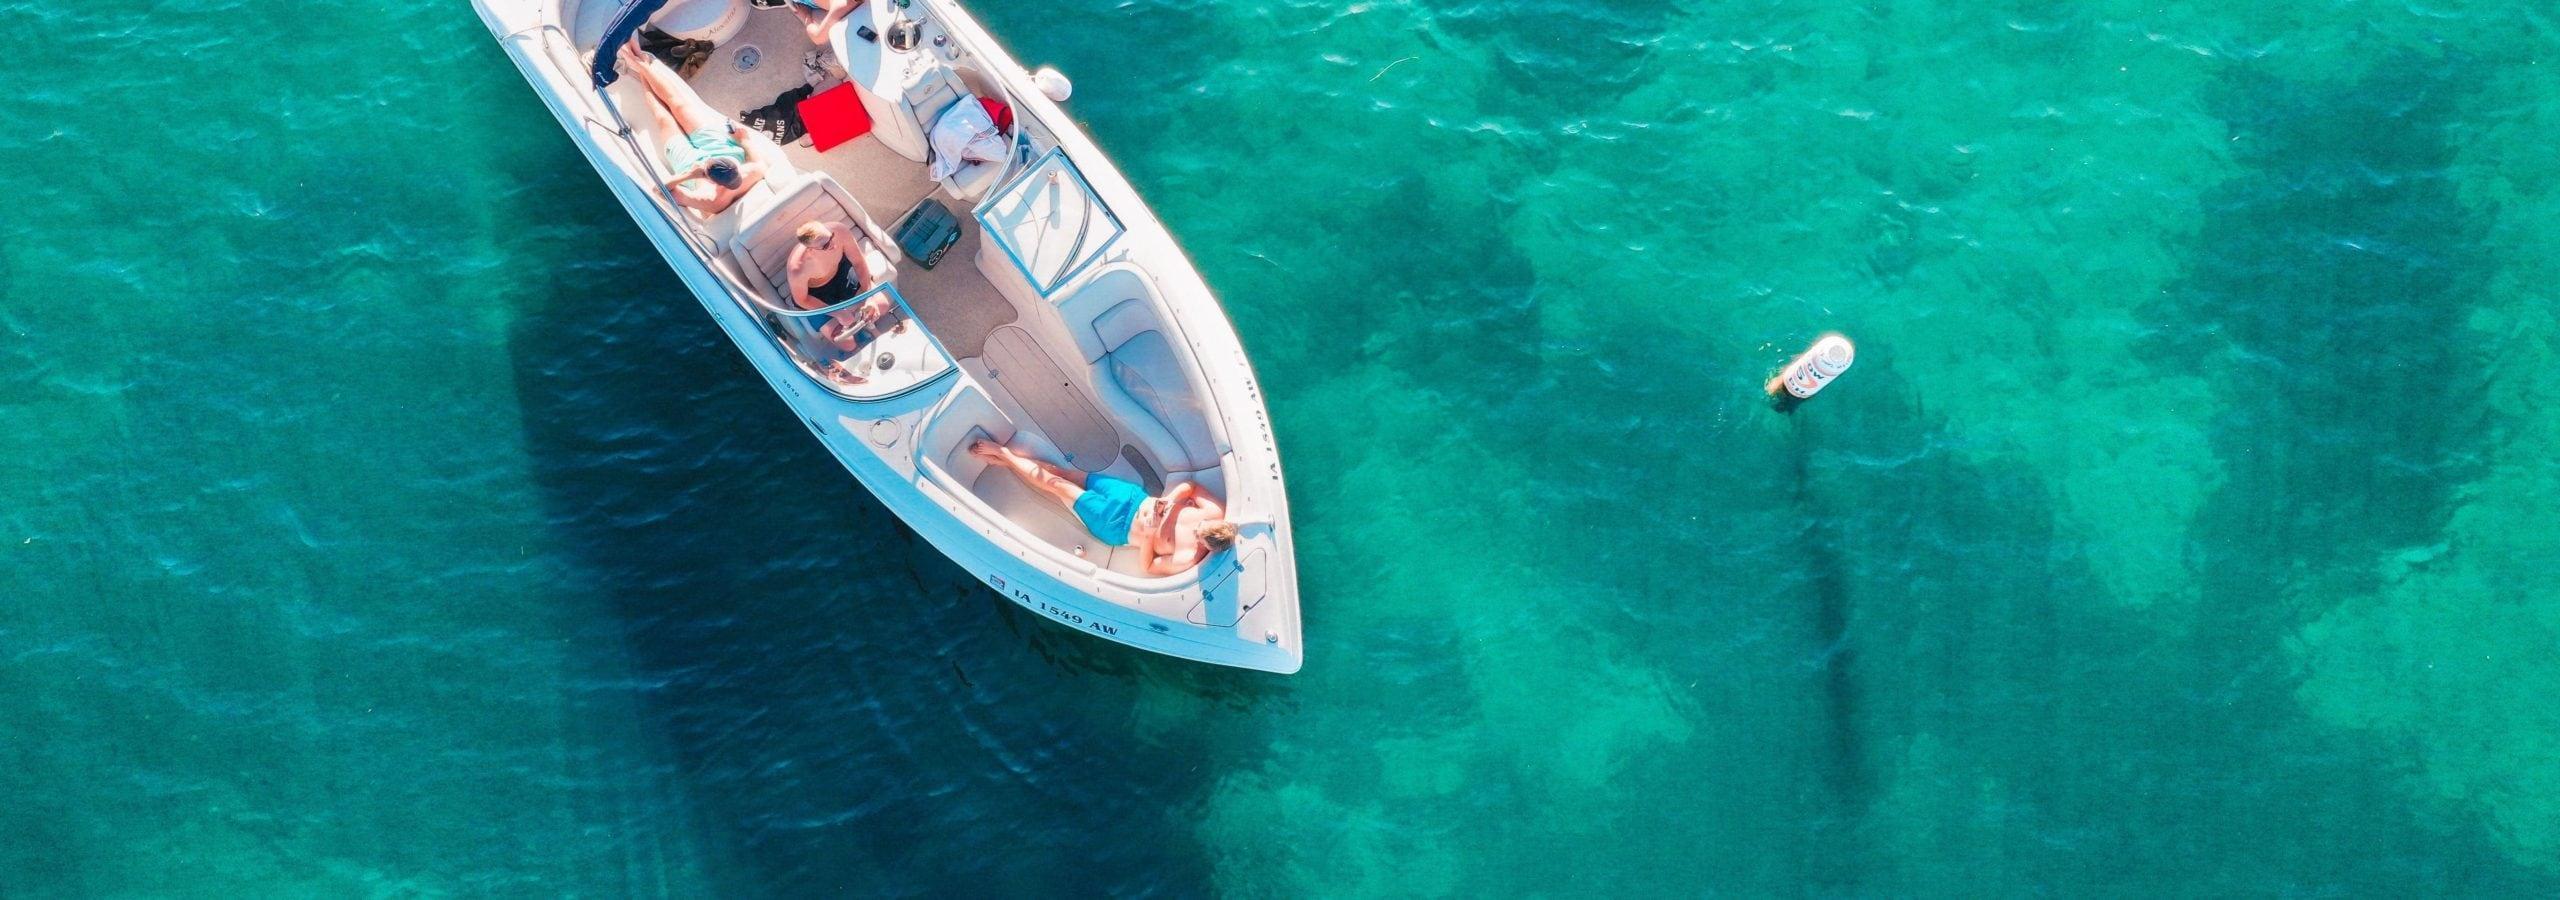 Boating TripShock